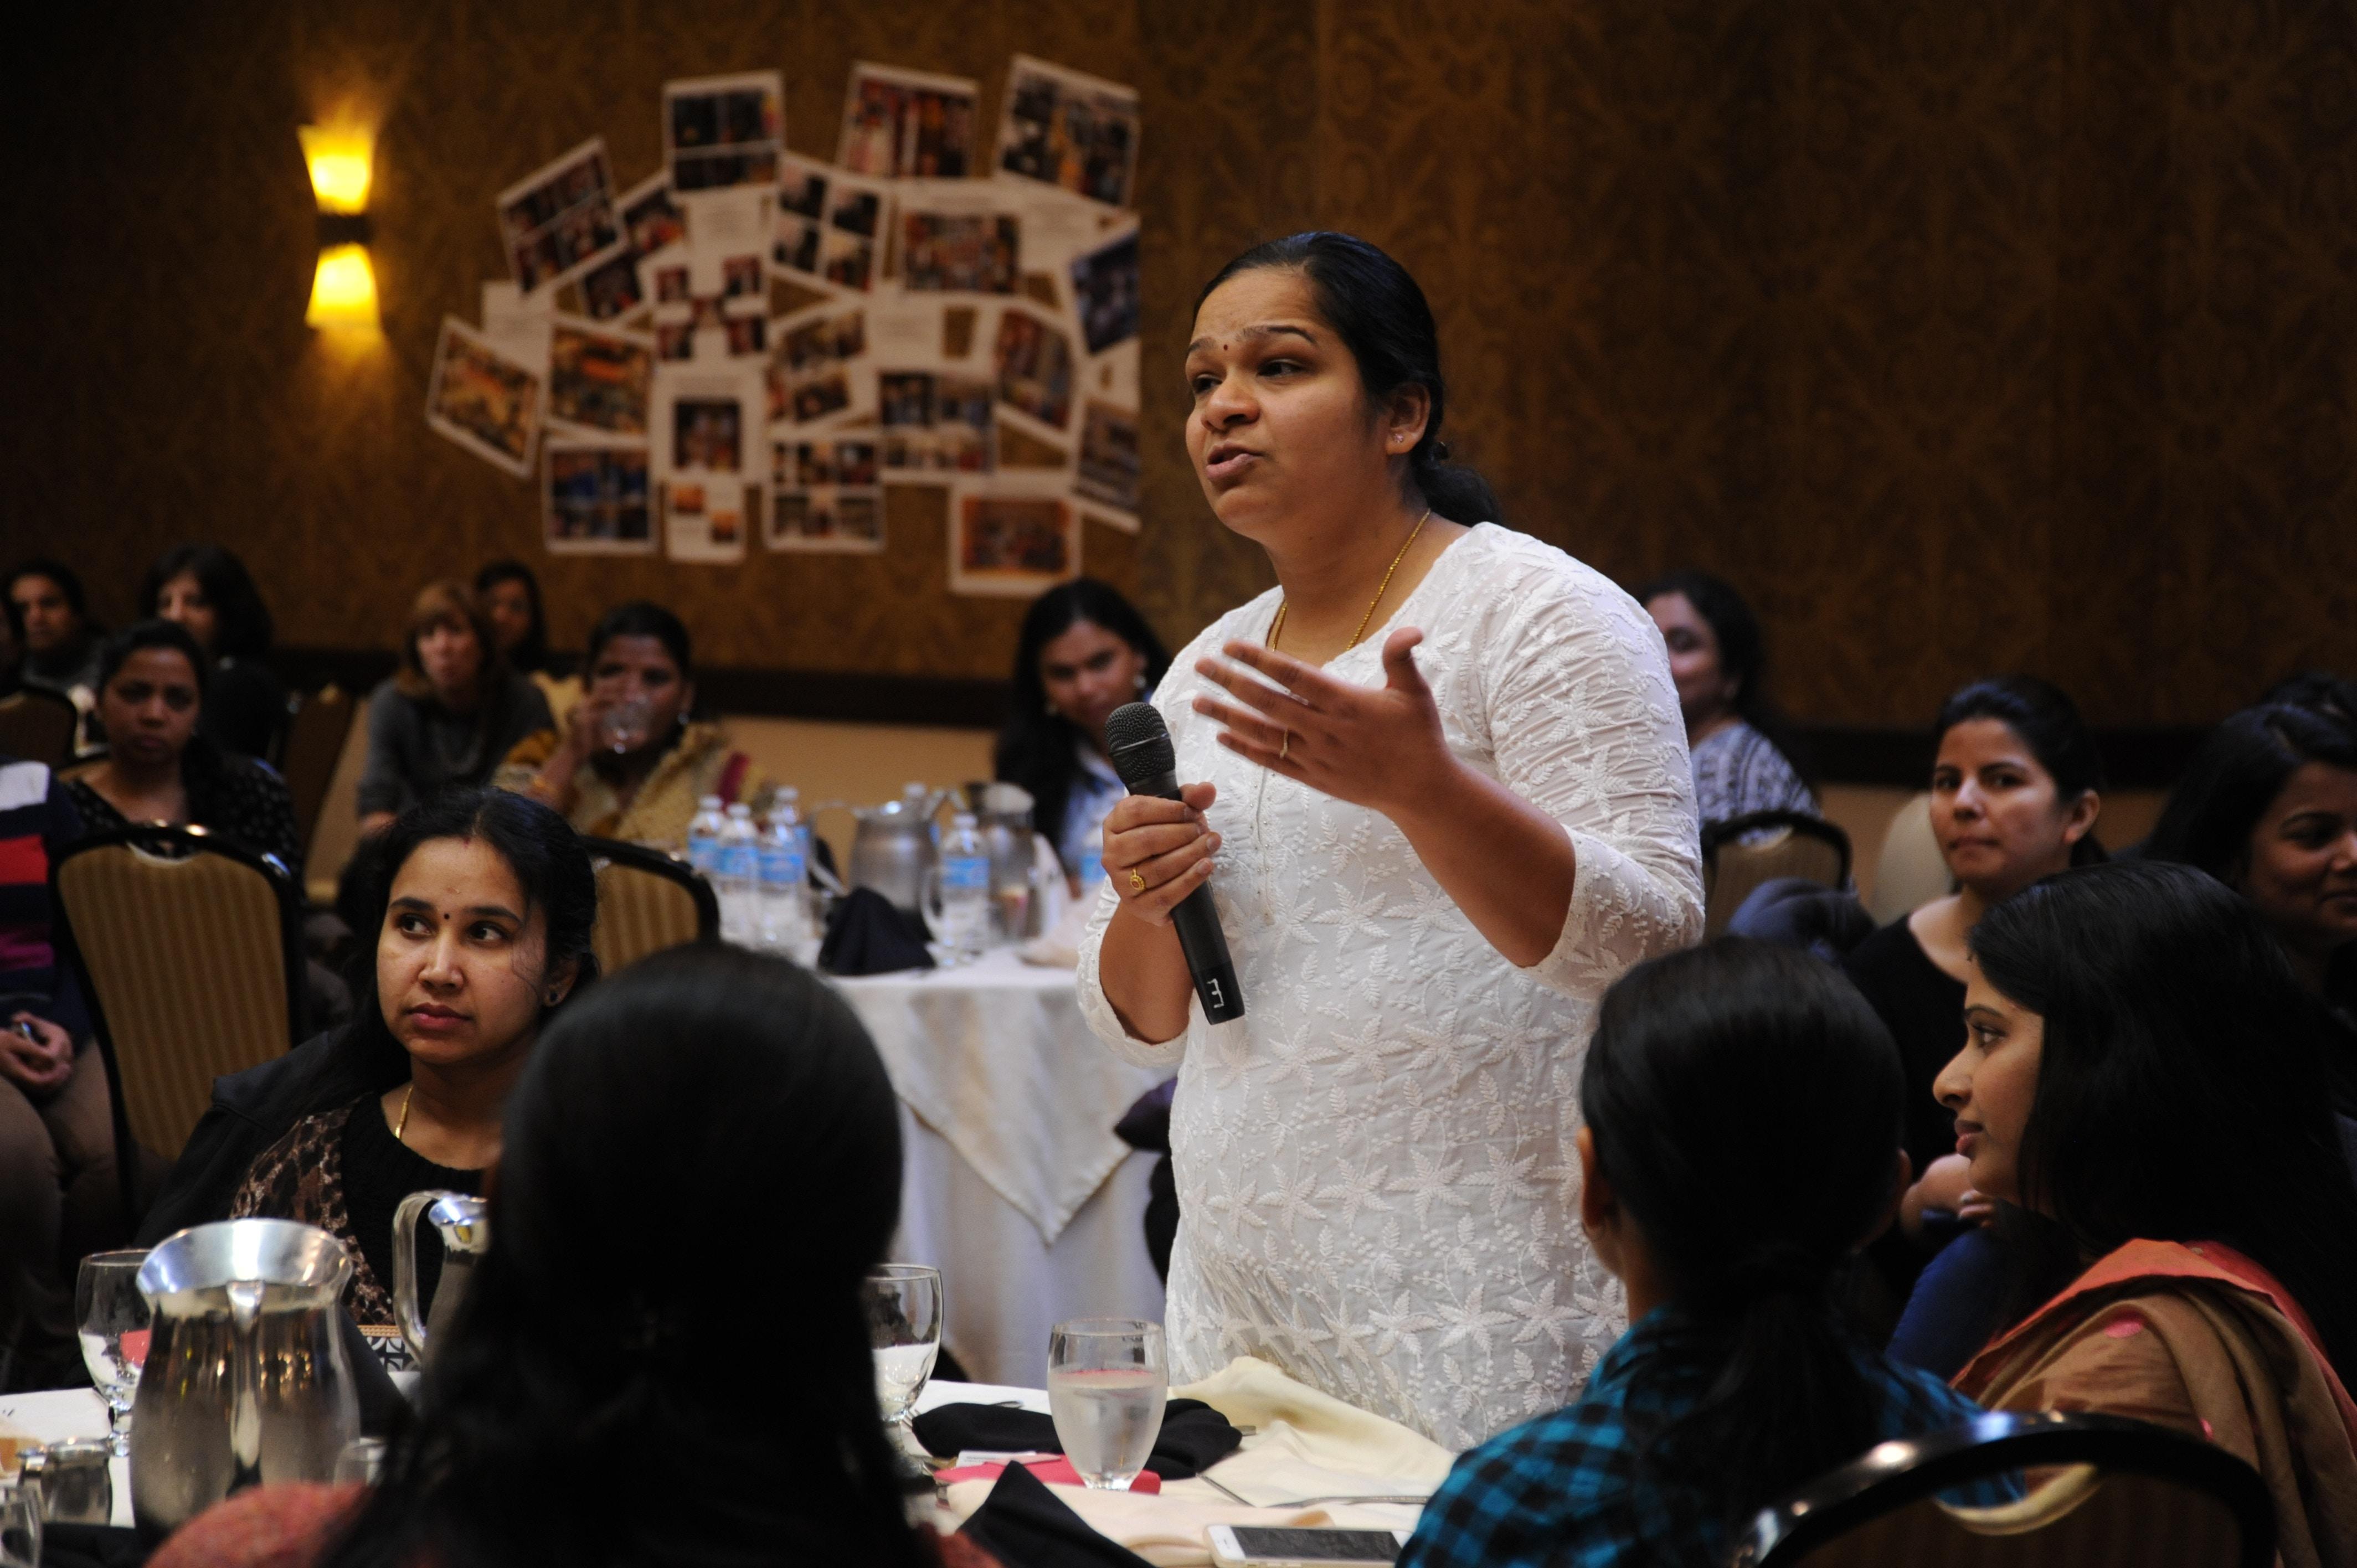 mujer hablando a un grupo de personas